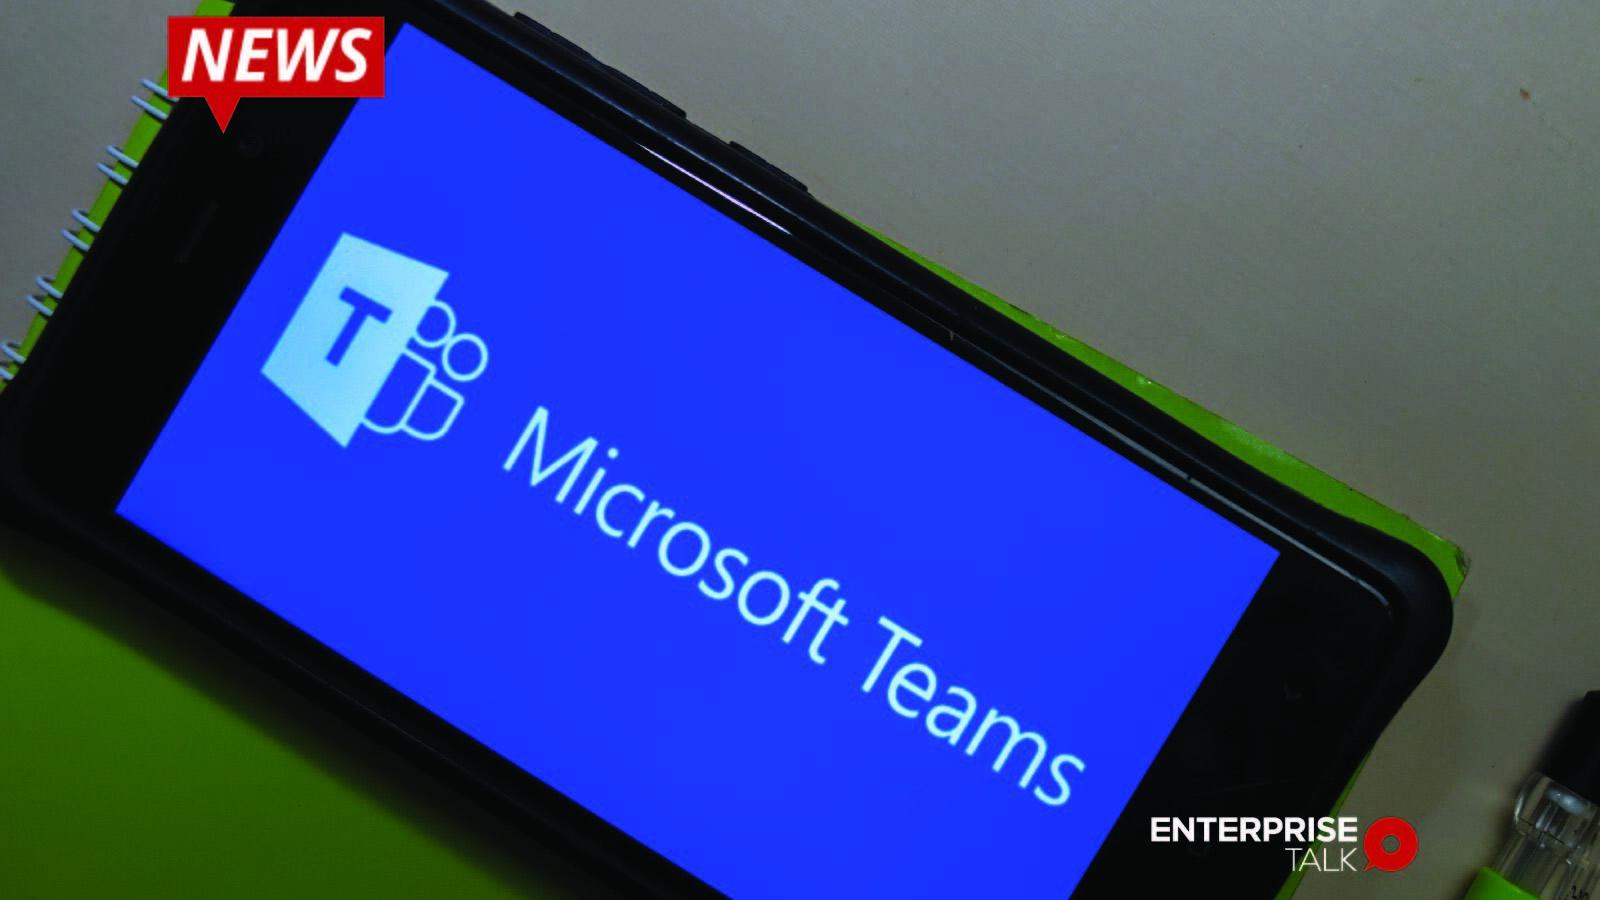 Centrica, Microsoft Teams